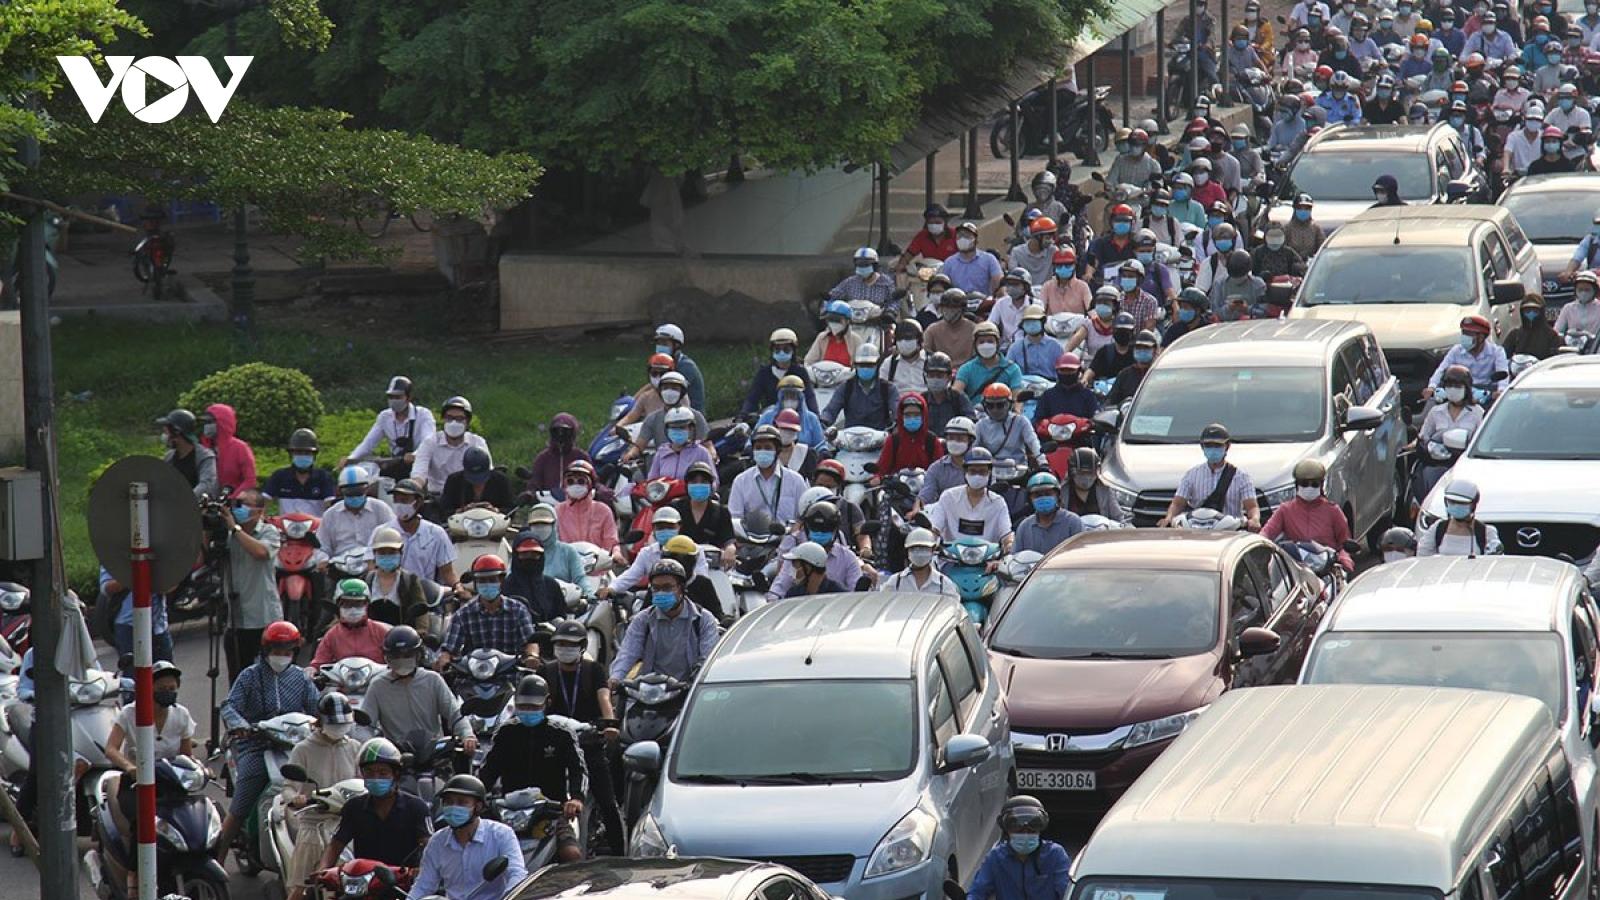 Đường phố Hà Nội đông đúc, nhộn nhịp giờ cao điểm ngày đầu nới lỏng giãn cách